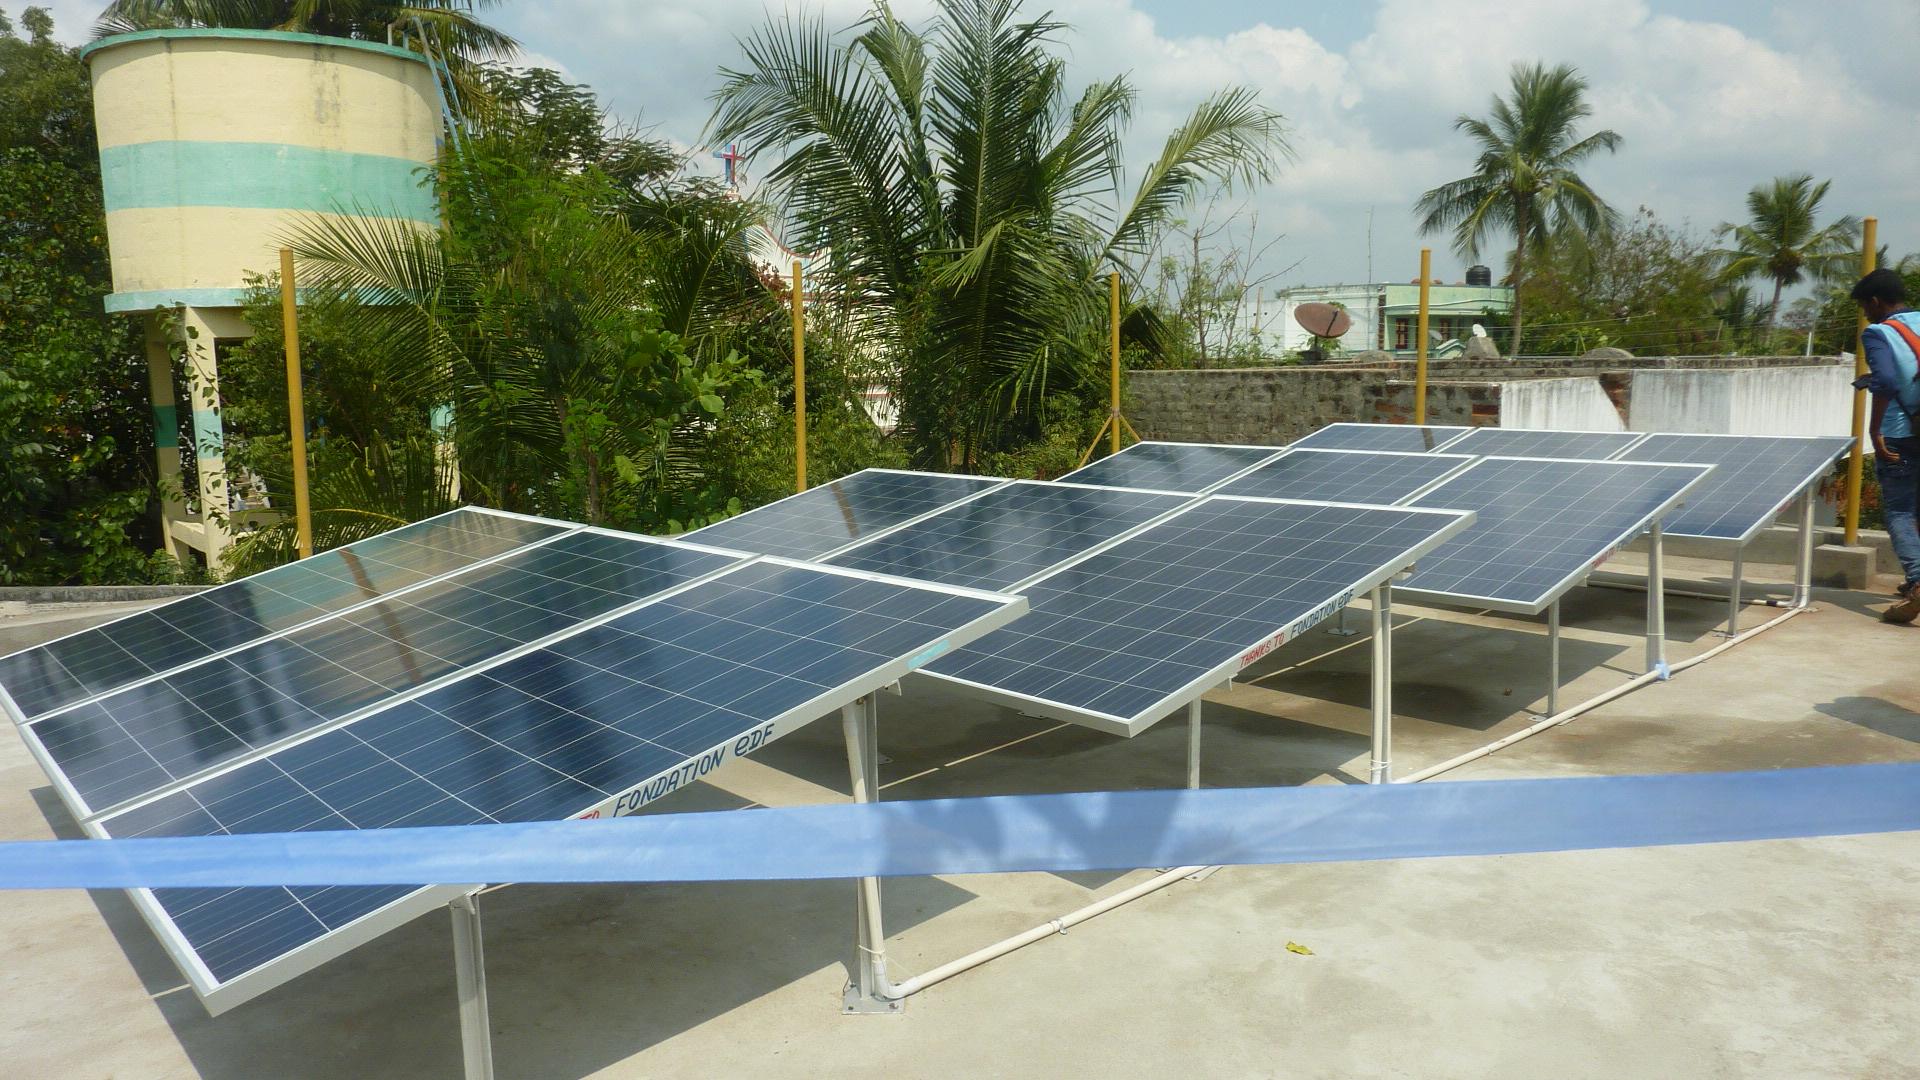 Inauguration des panneaux solaires à l'école d'Ottankadu